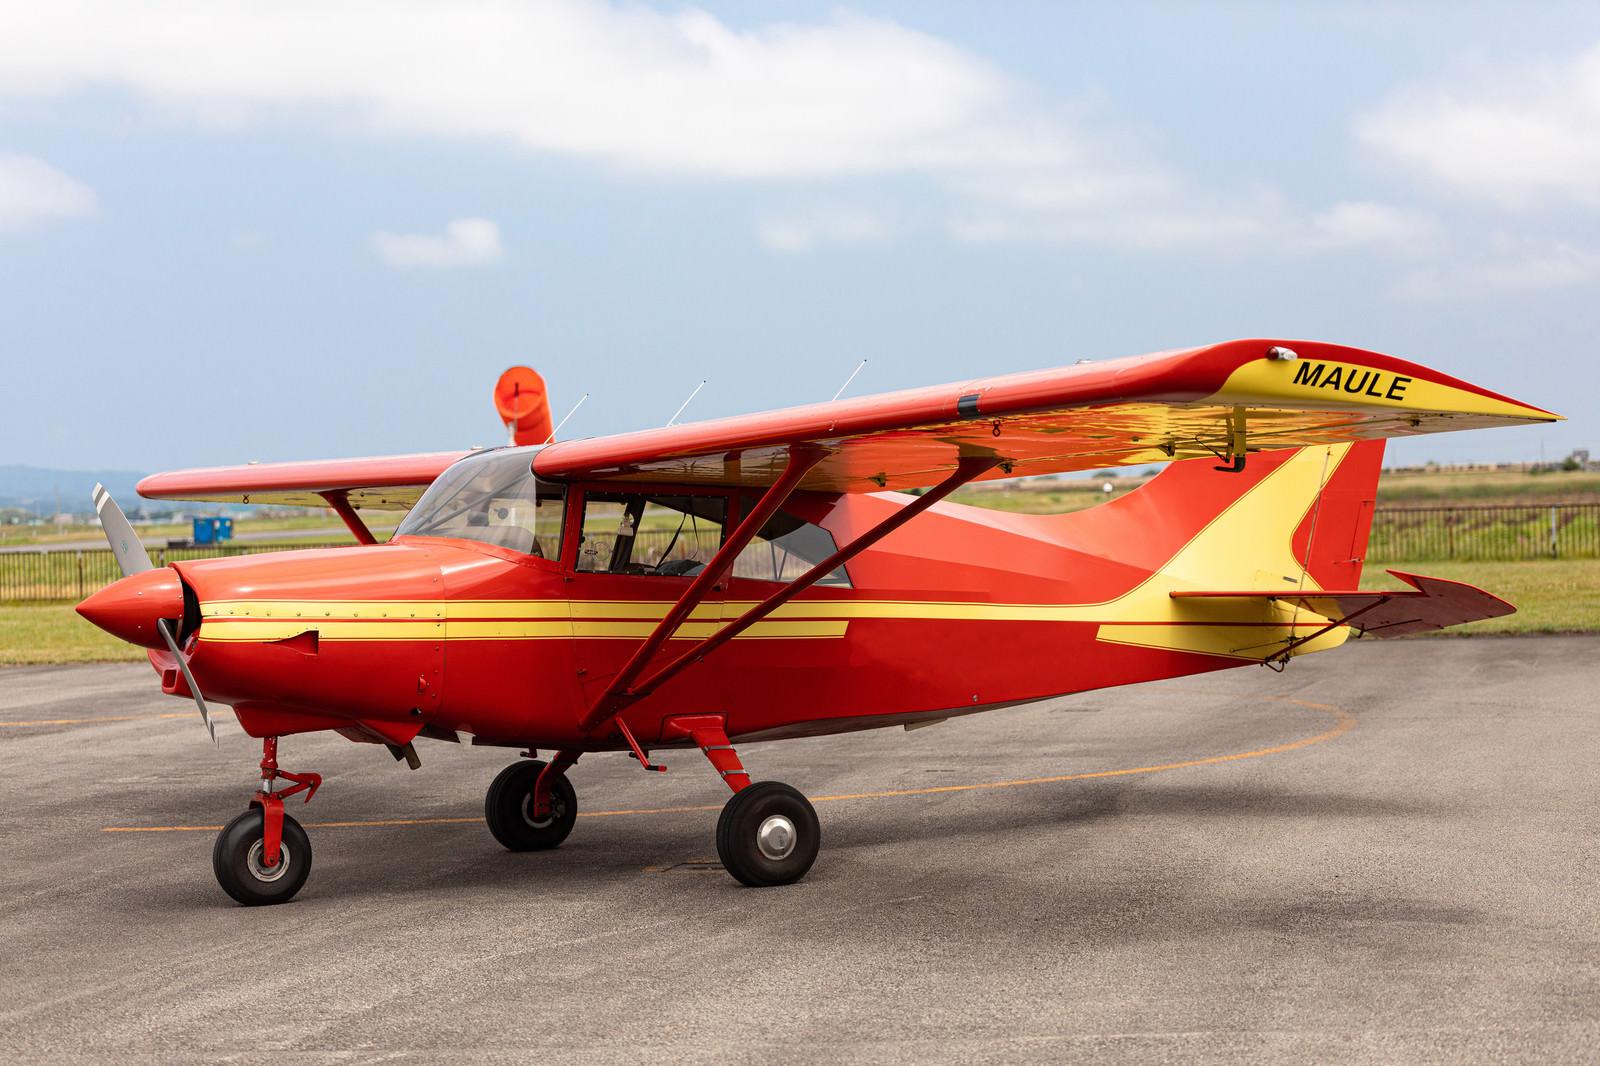 「赤いプロペラ機」の写真